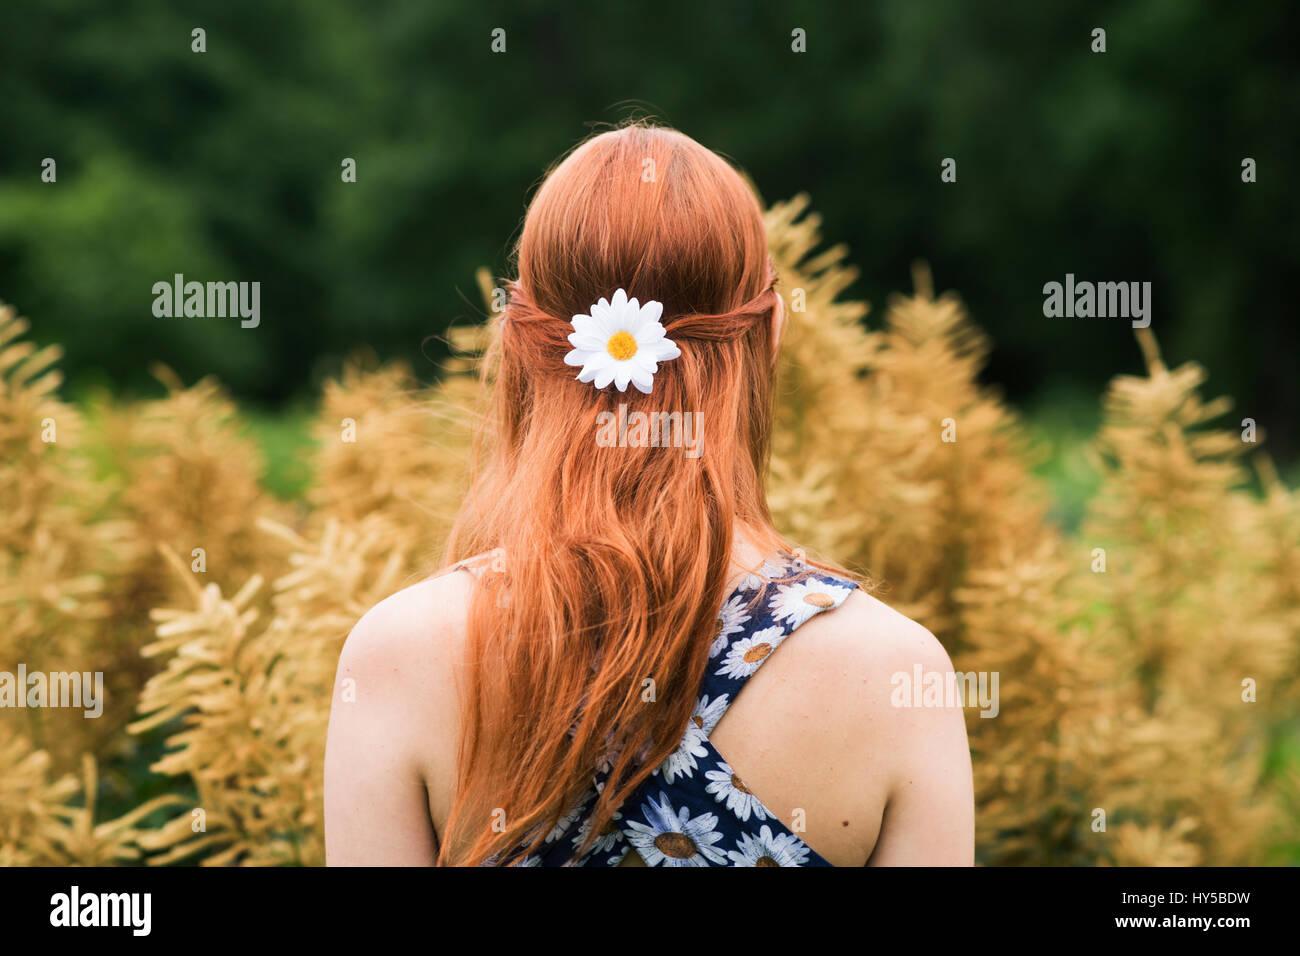 Finlandia, Pirkanmaa, tampere, giovane donna che indossa abiti floreali e daisy fiore nei suoi capelli Immagini Stock